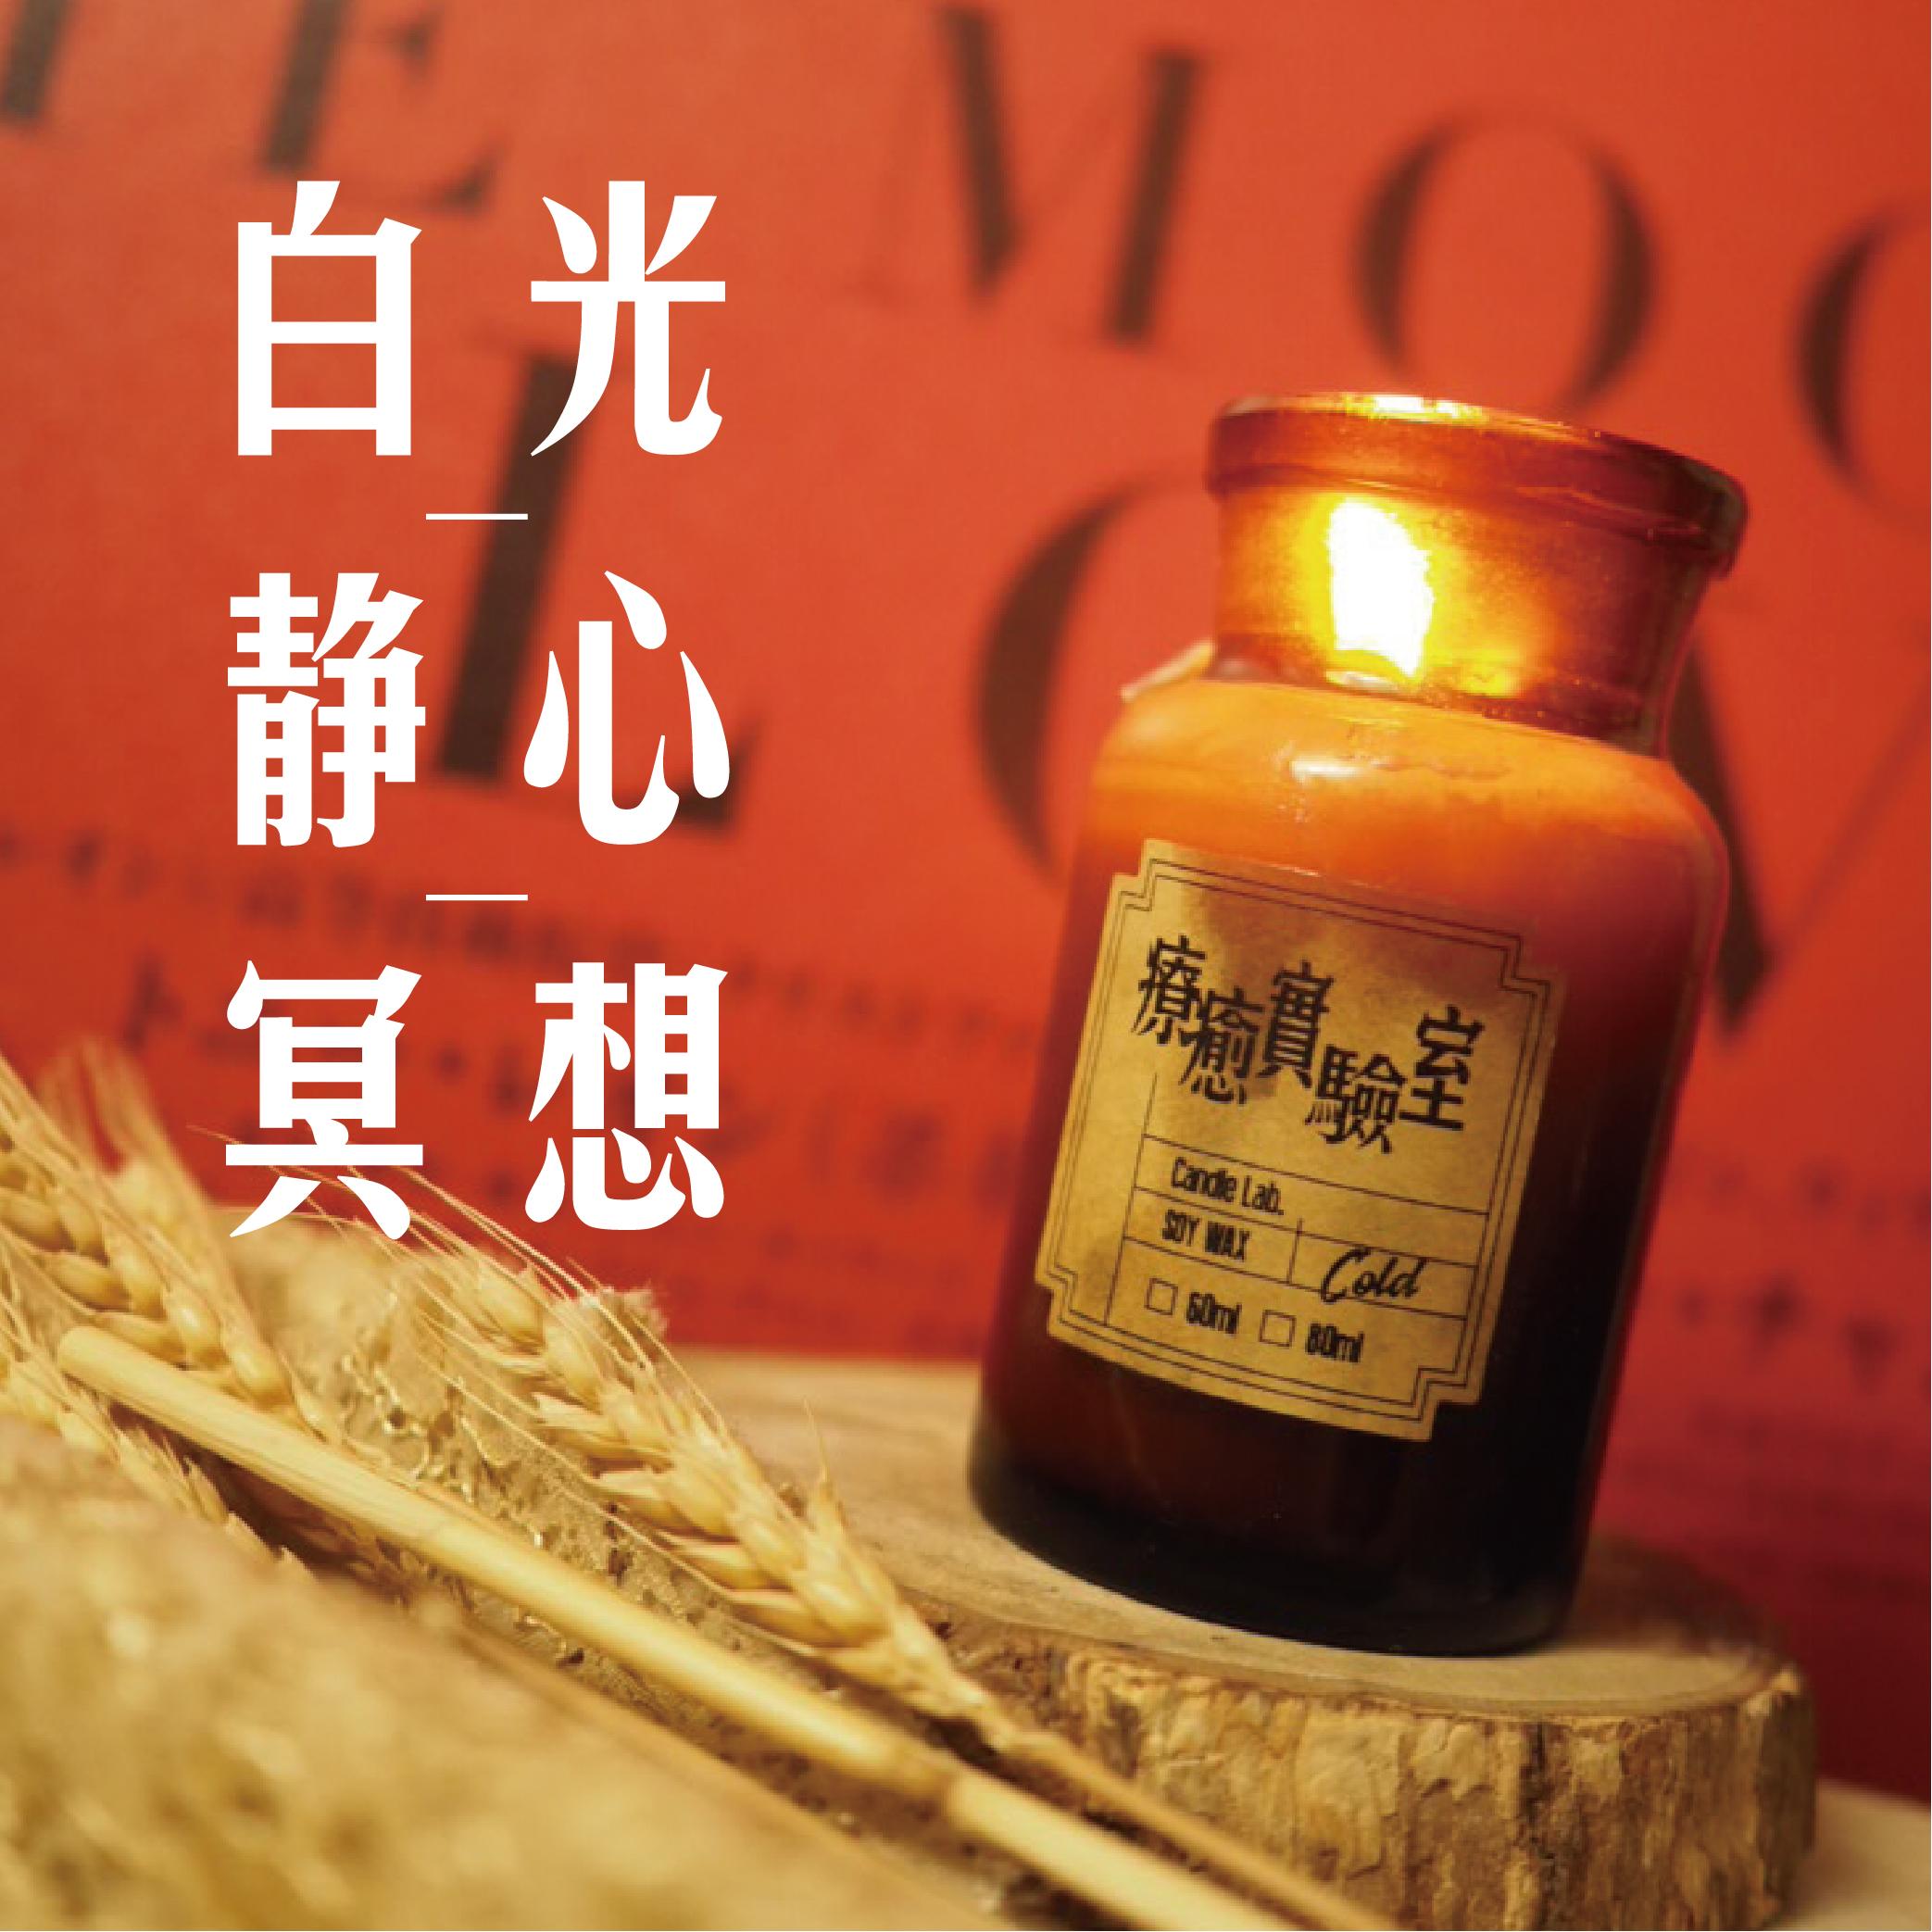 白光靜心冥想-一起為台灣送白光祝福